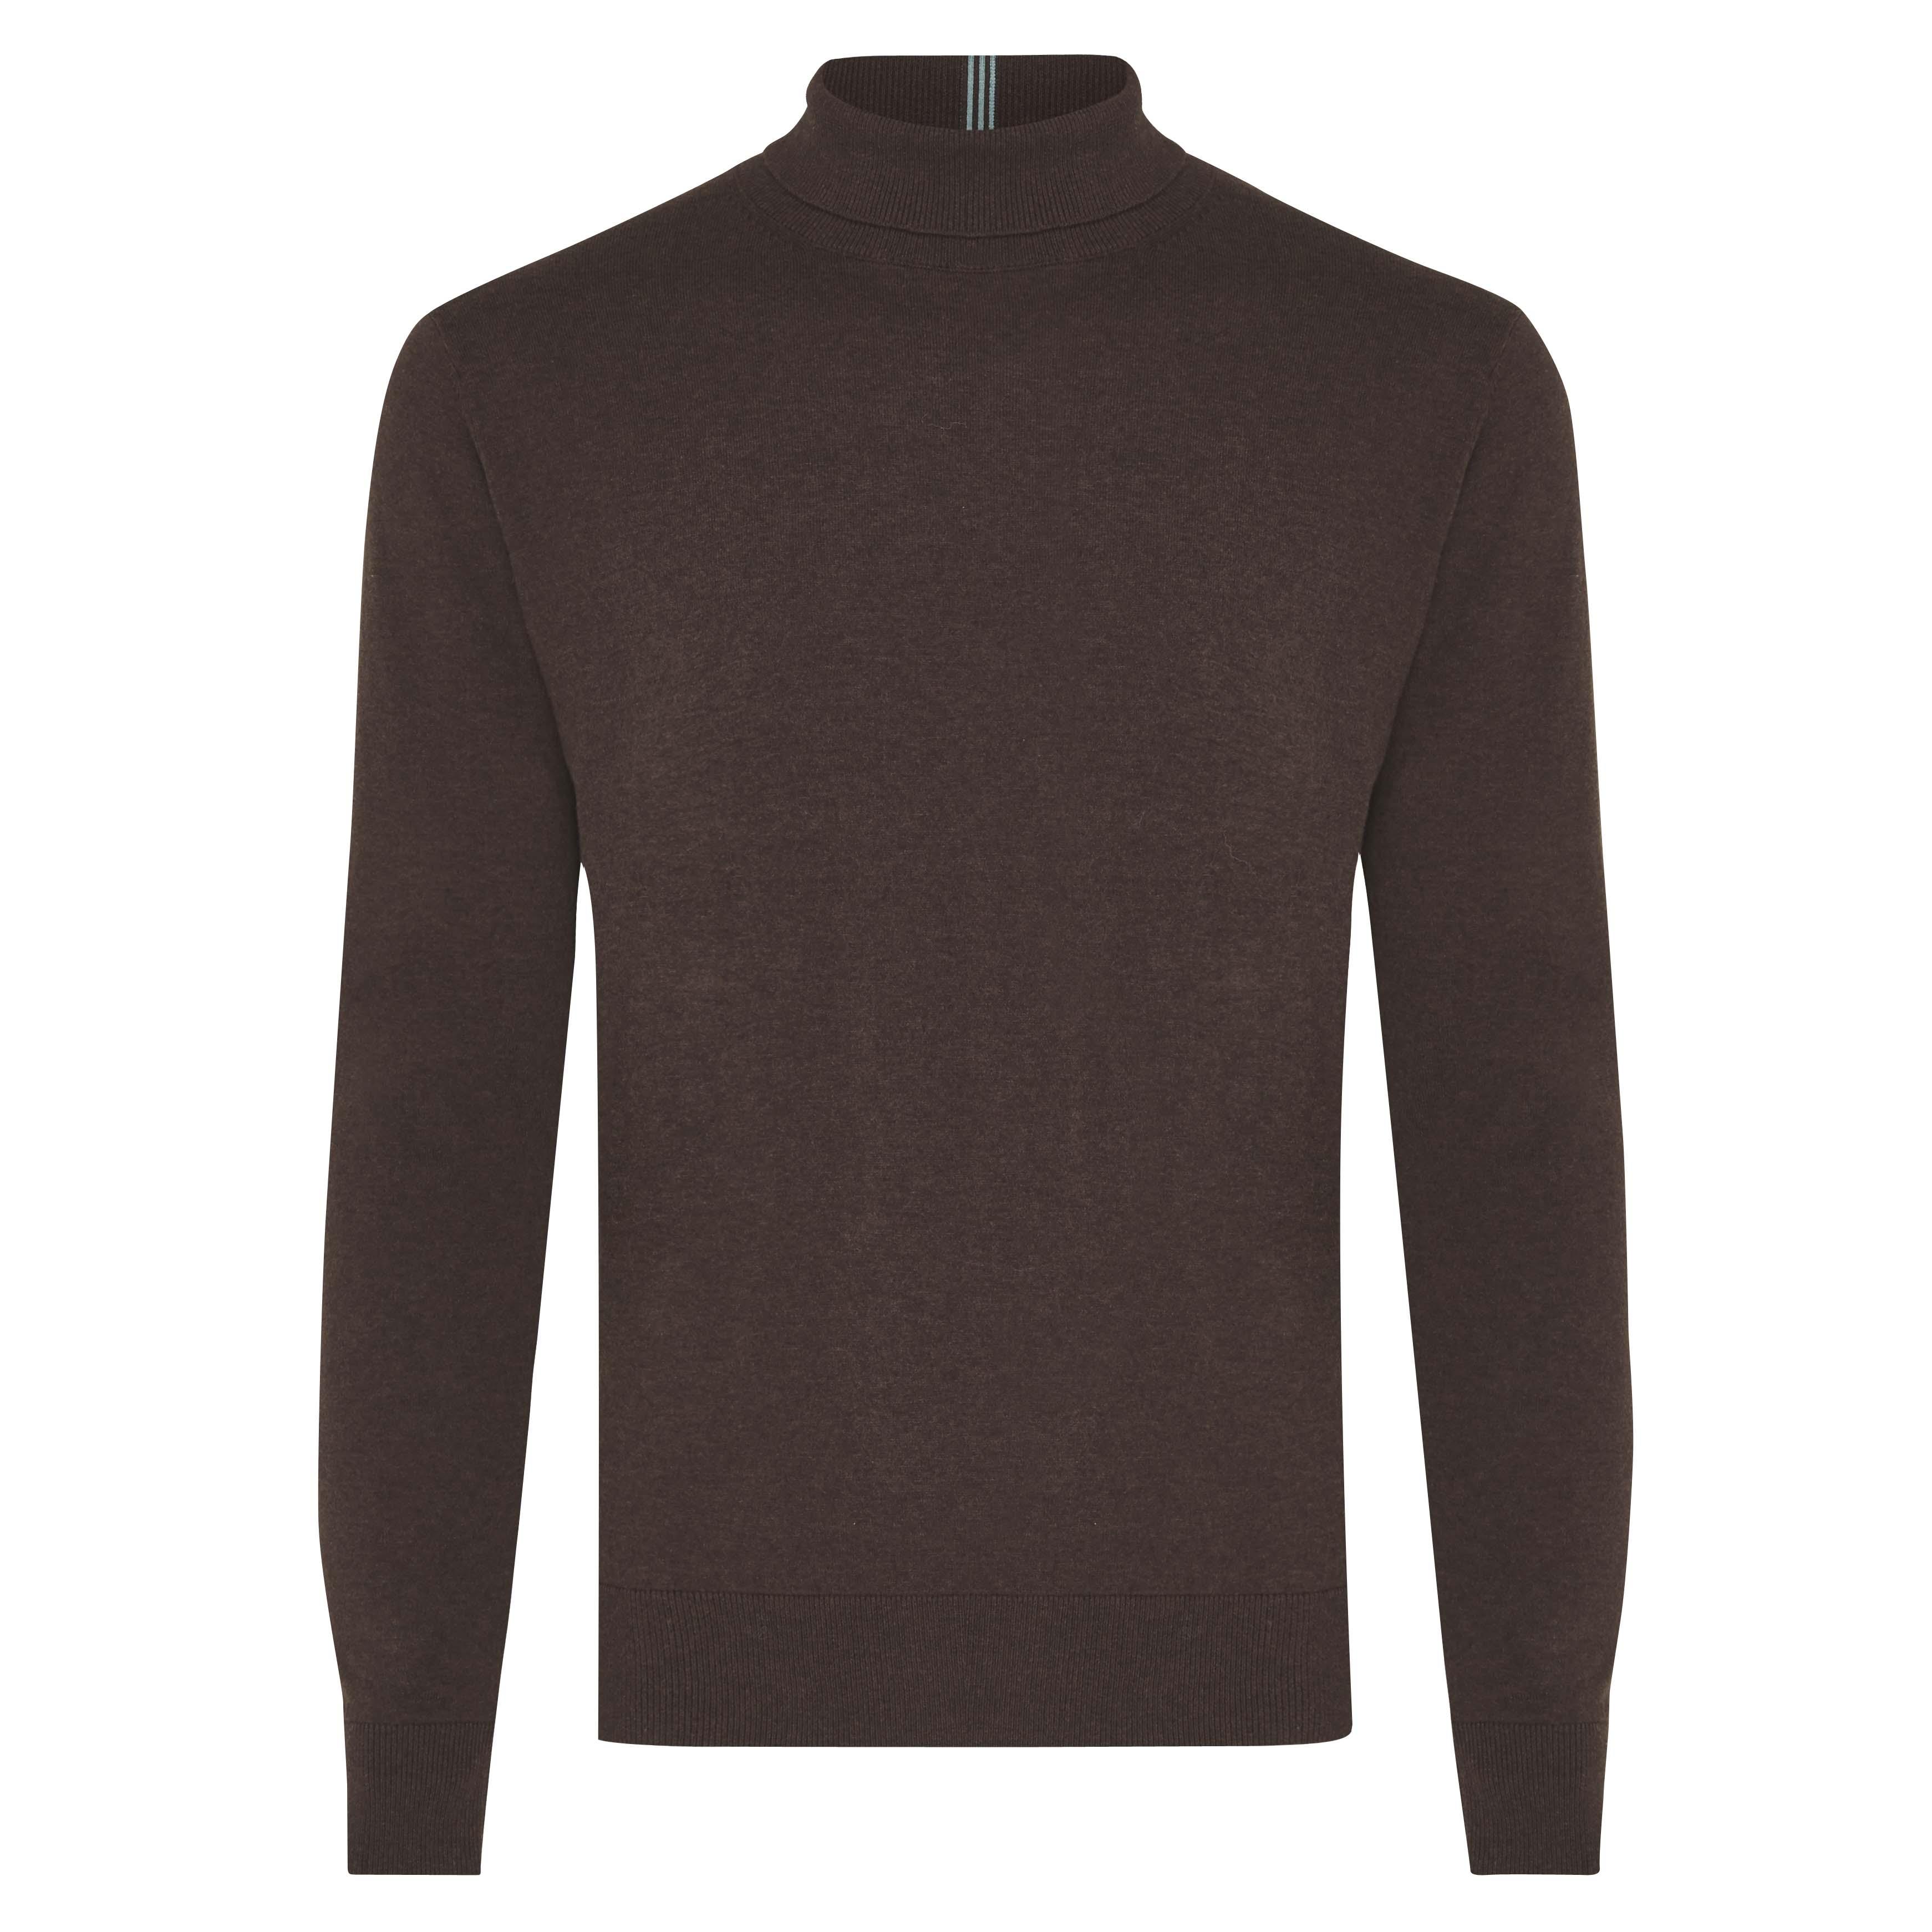 Jakob | Pullover turtleneck brown